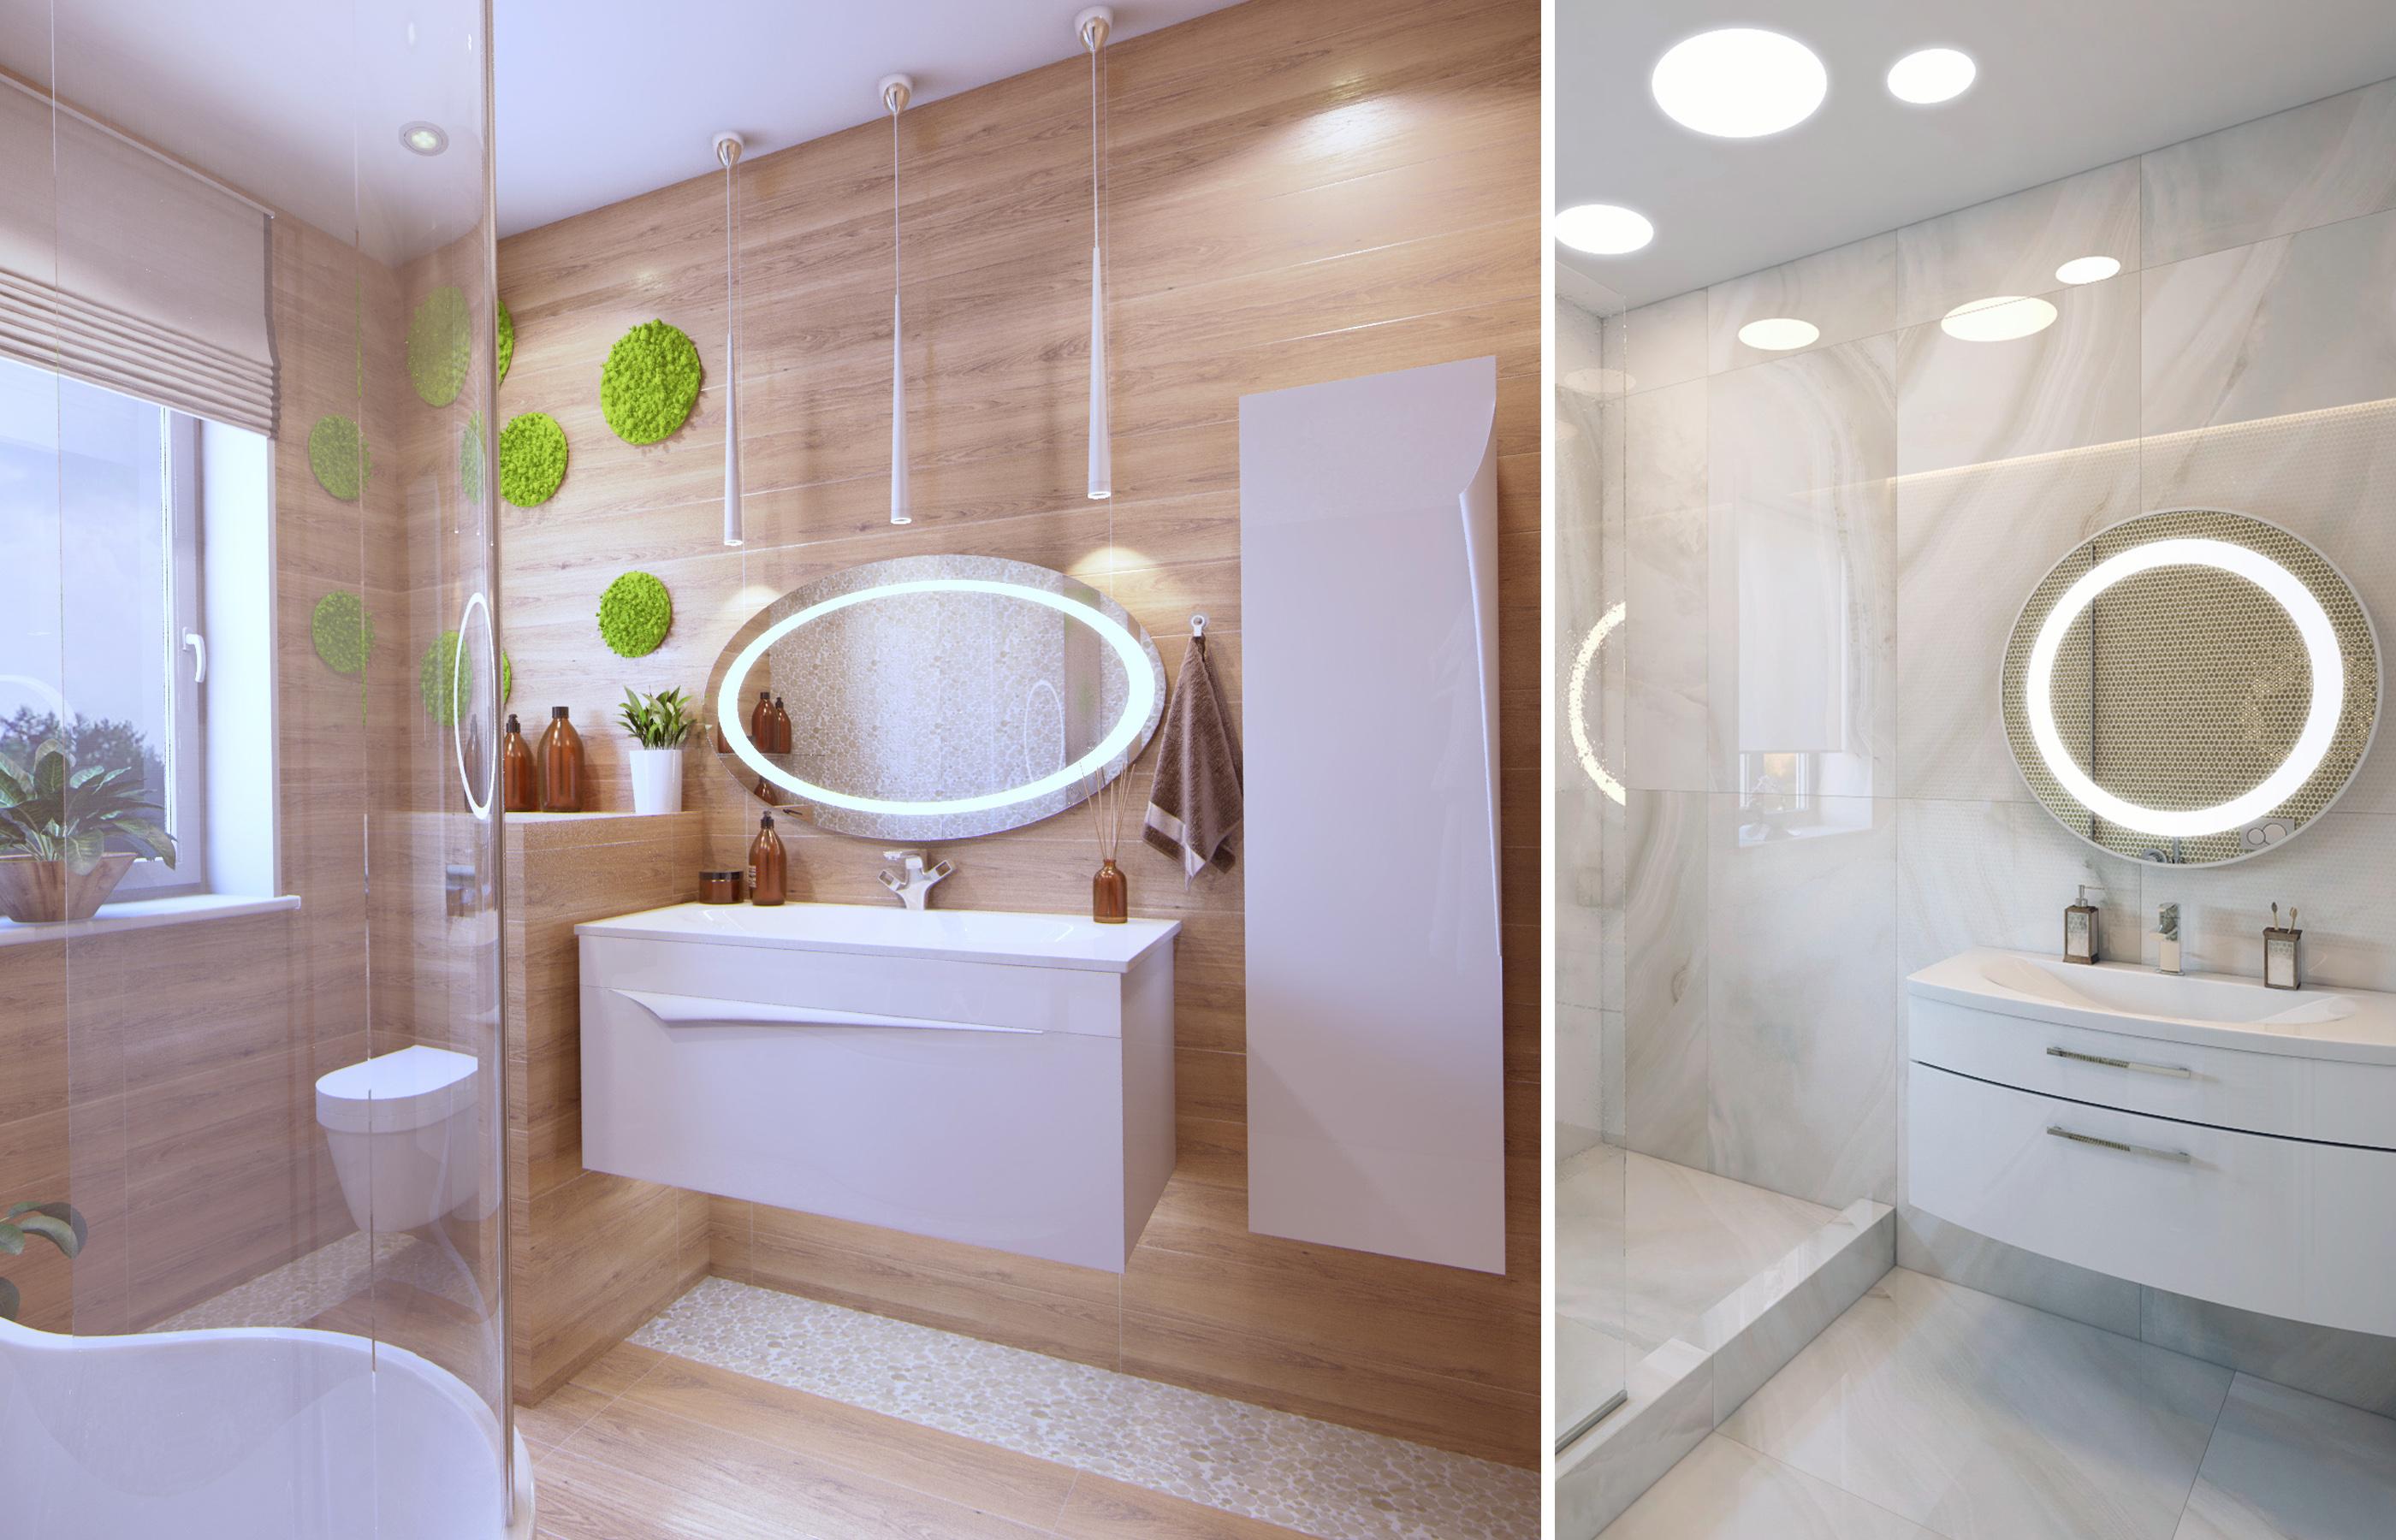 Зеркала со встроенной фронтальной подсветкой в интерьере ванной комнаты